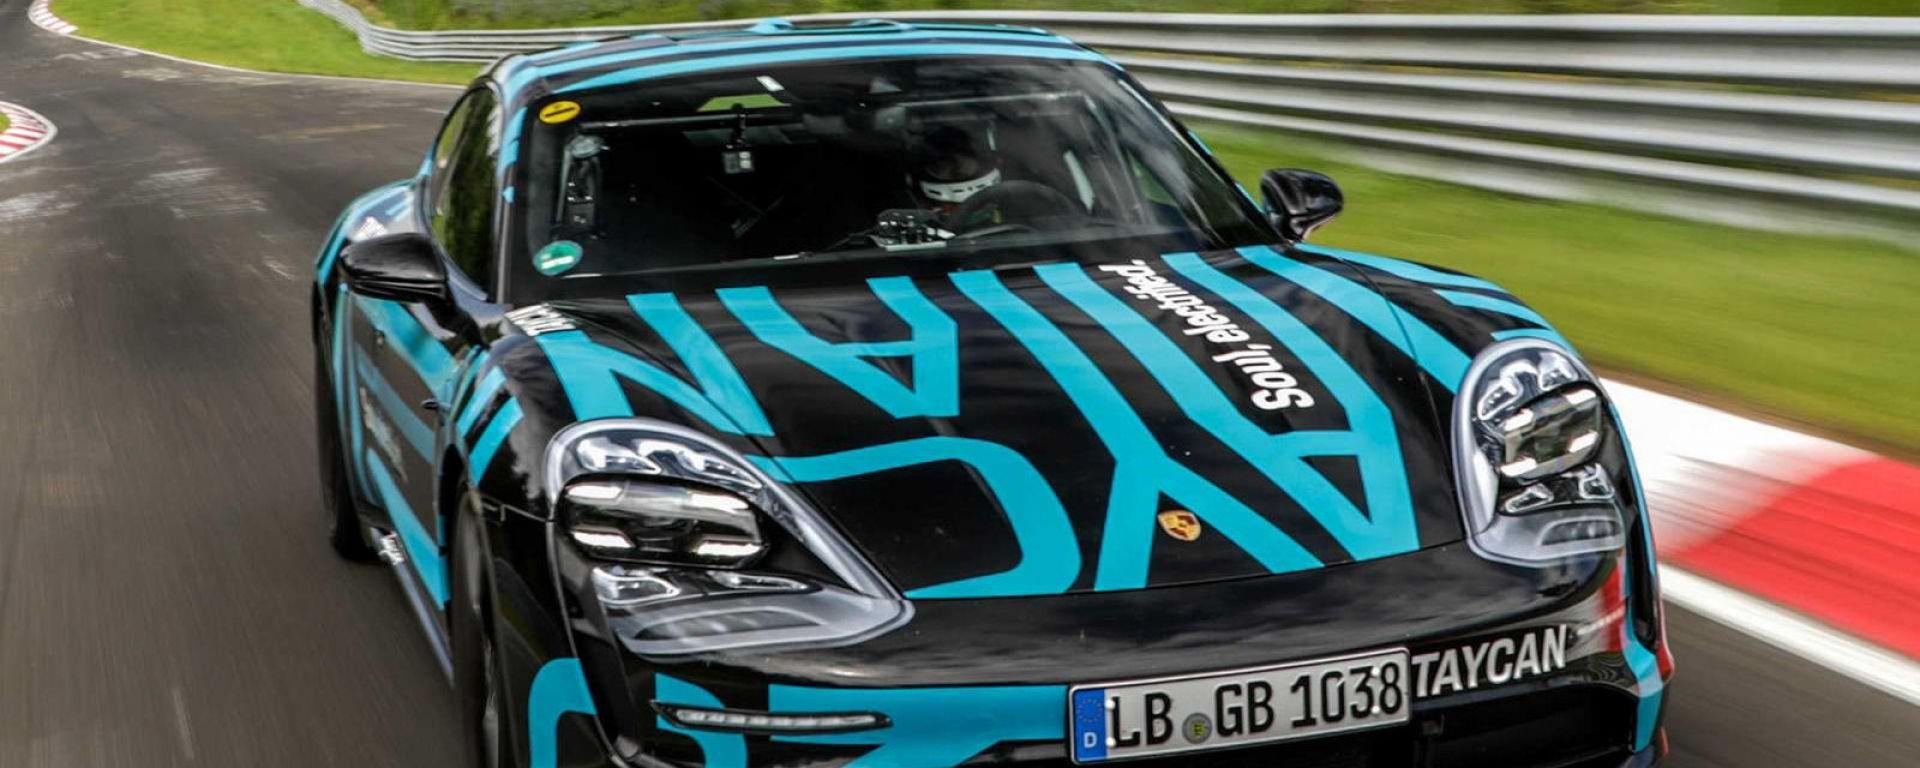 Porsche Taycan Turbo al Nurburgring